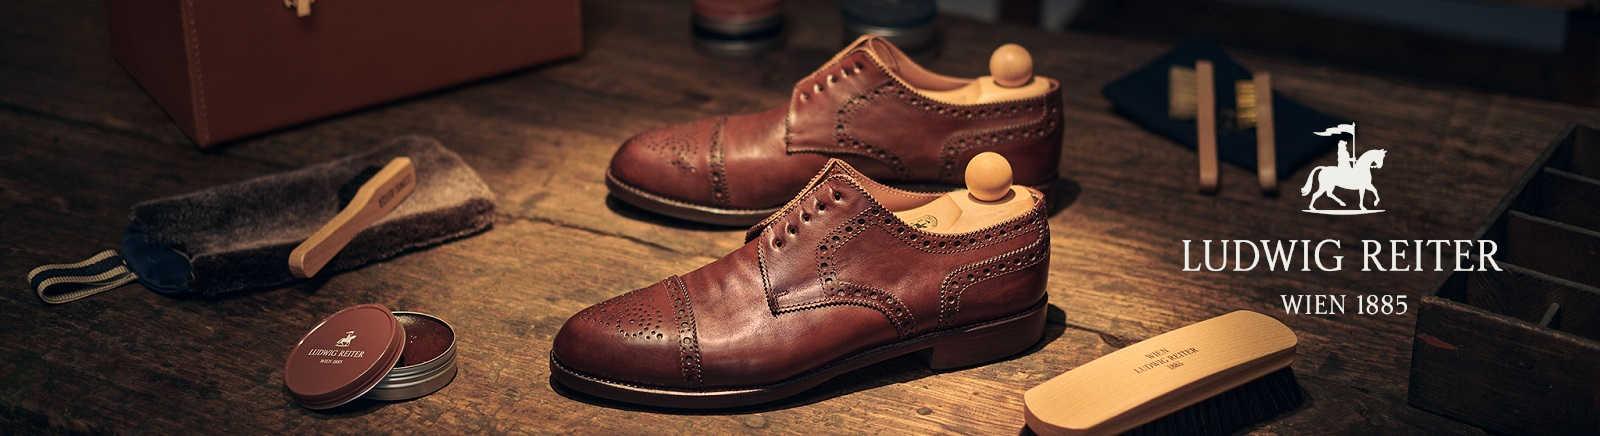 Ludwig Reiter Stiefel für Damen im Online-Shop von GISY kaufen